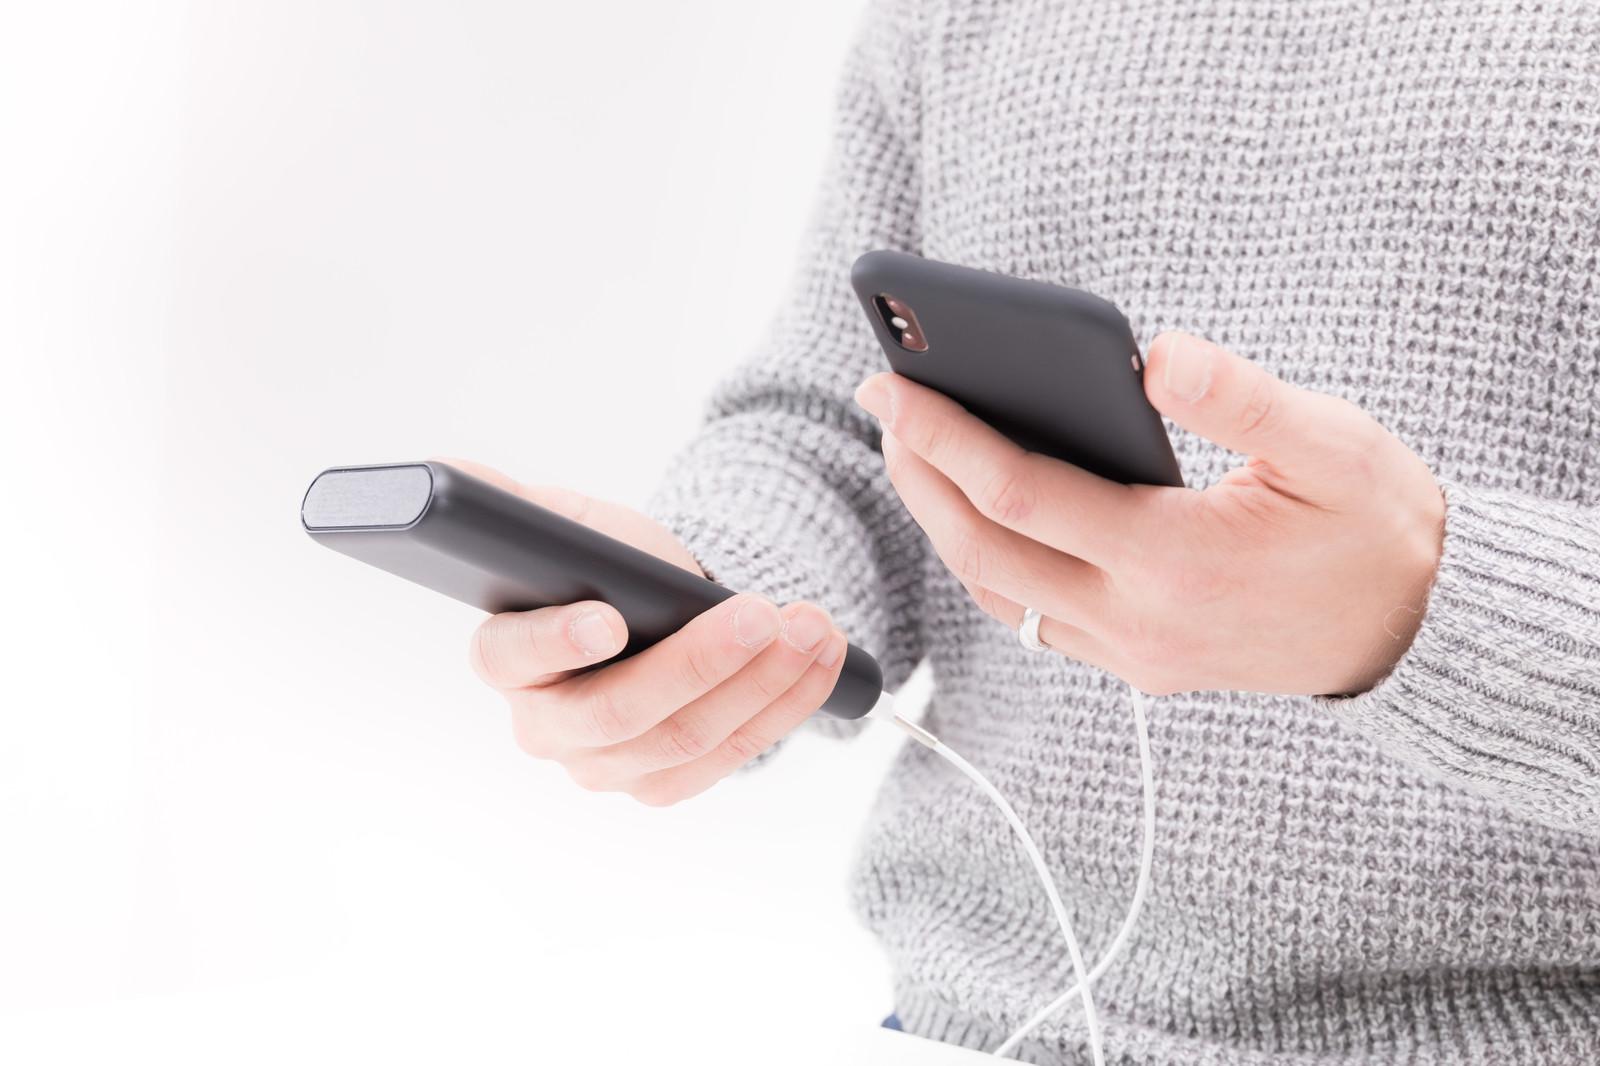 電話 移行 au 帳 documents.openideo.com:Googleアカウントを使って電話帳のデータを移行する方法 (1/3)